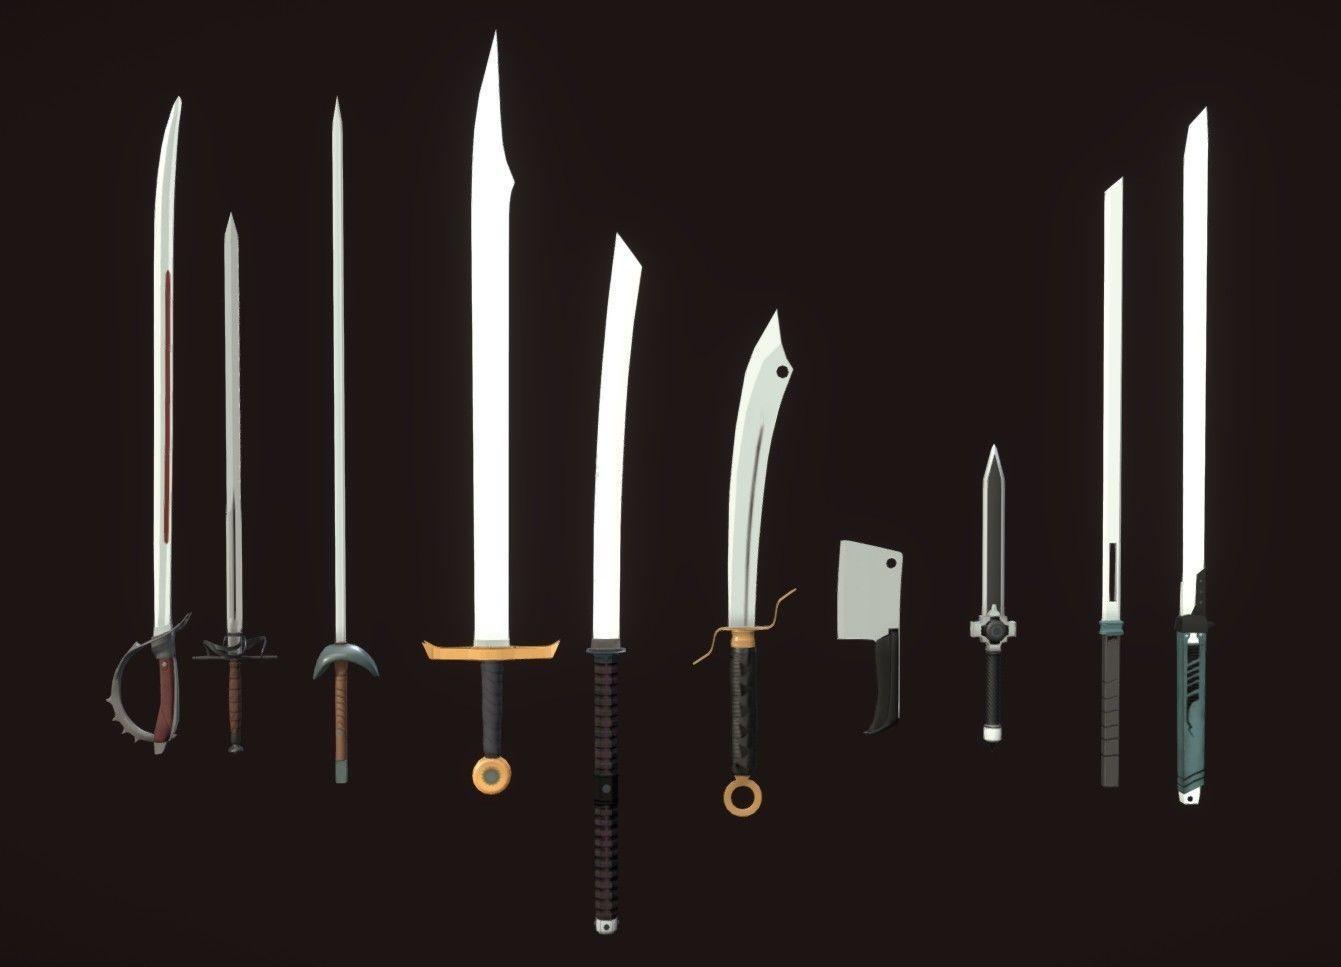 7 PBR Swords